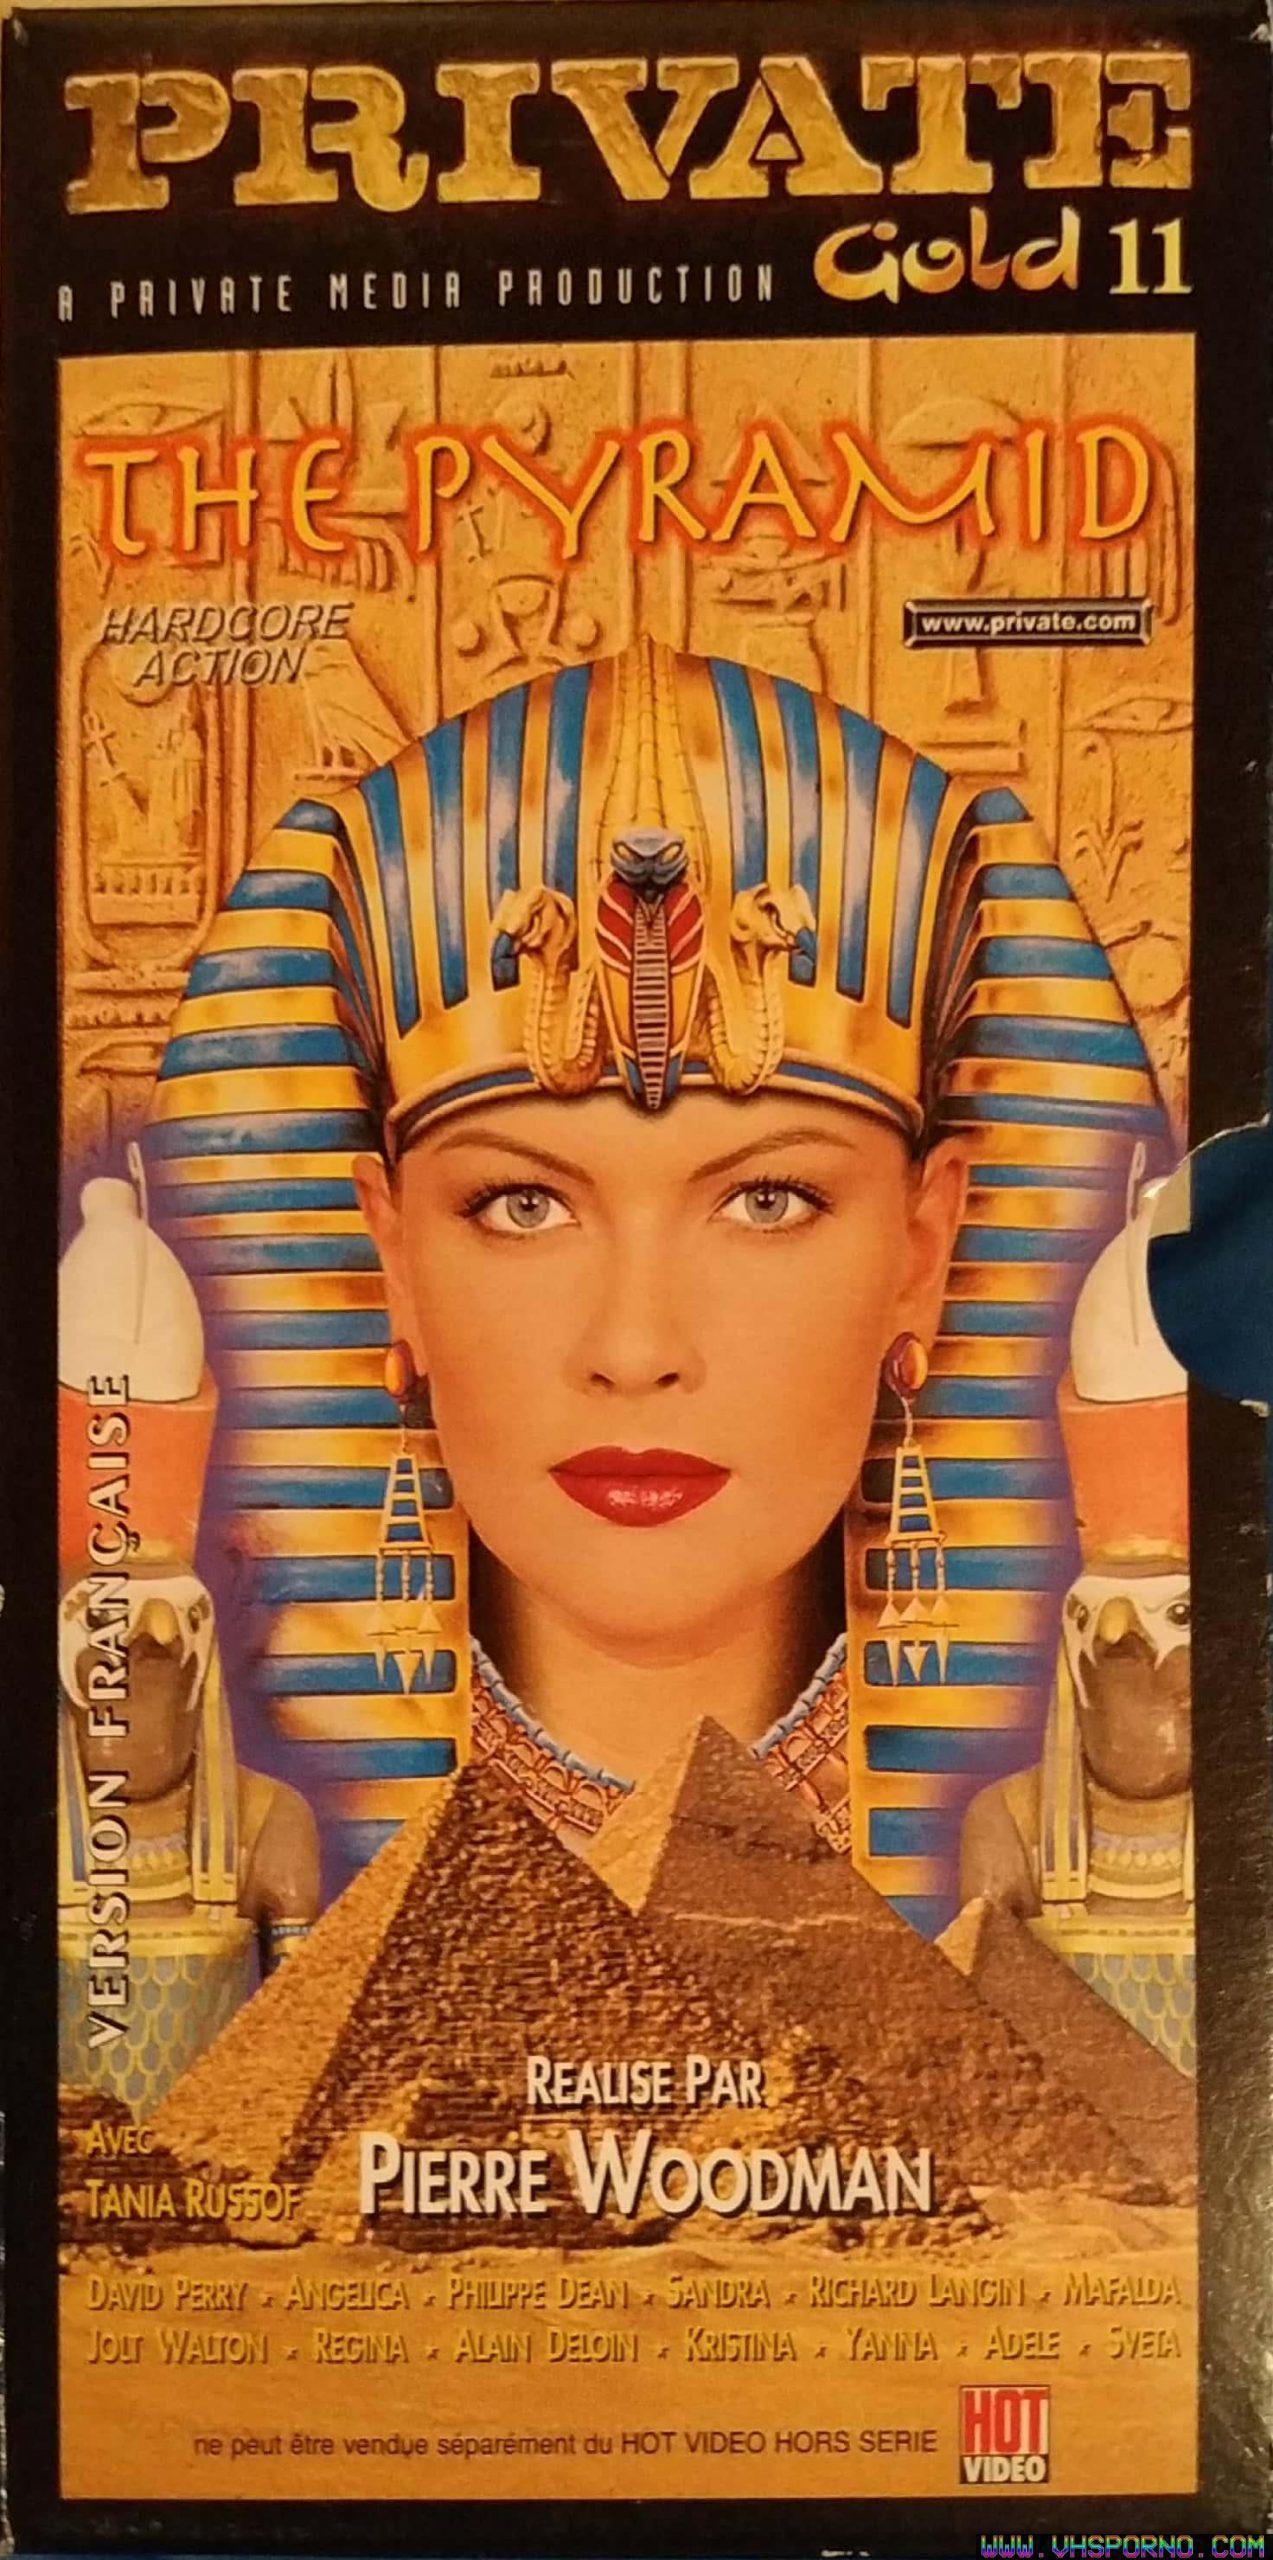 Pochette de Chronique de The Pyramid 1 • Sur VHS Porno - Le X c'était mieux avant